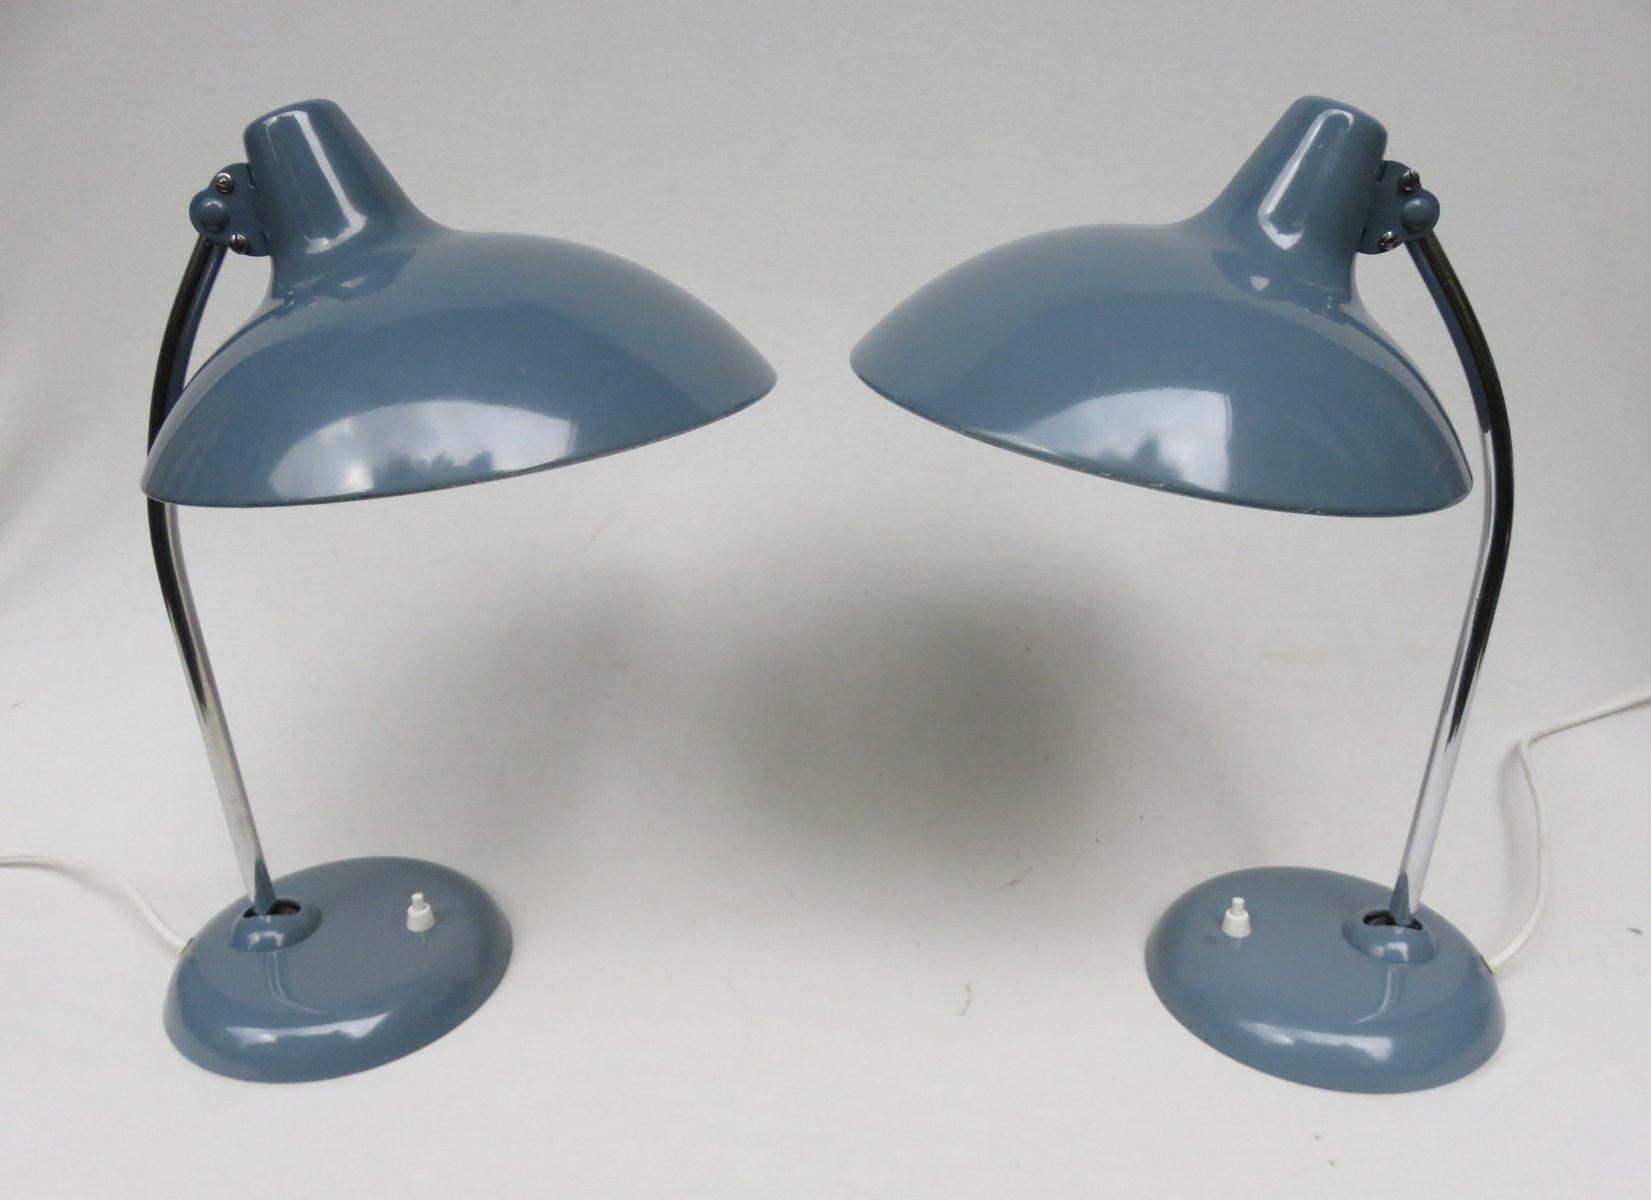 Chrom Tischlampen in Taubenblau von Kaiser Leuchten, 1950er, 2er Set